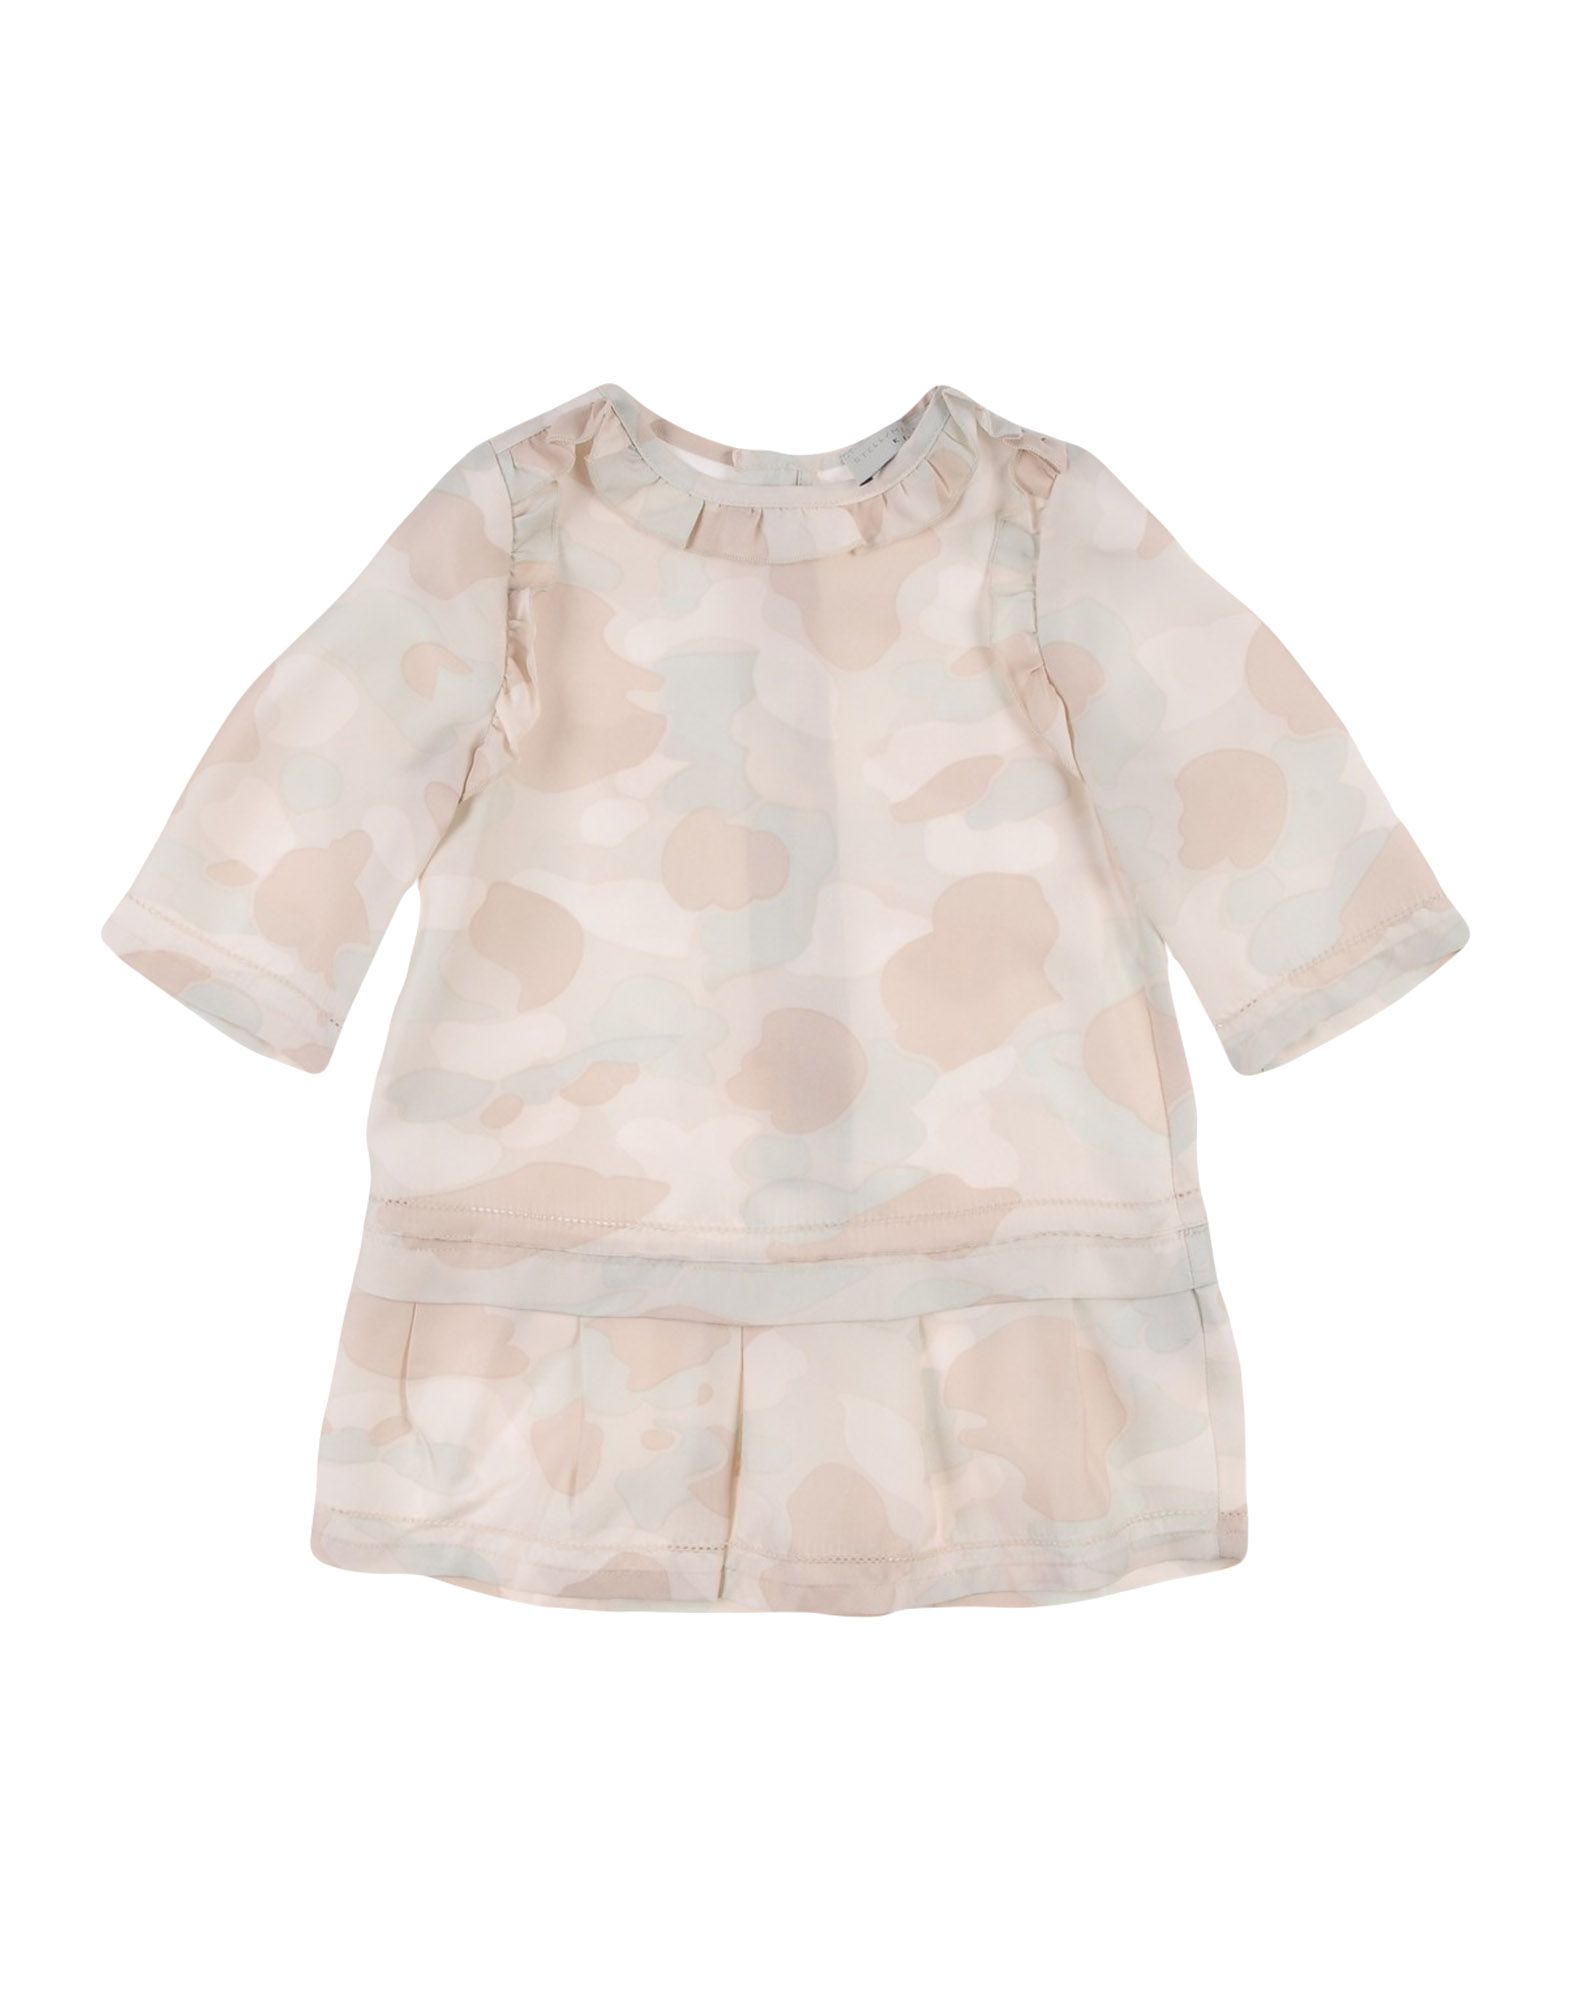 《送料無料》STELLA McCARTNEY KIDS ガールズ 0-24 ヶ月 ワンピース・ドレス ライトピンク 24 シルク 100%